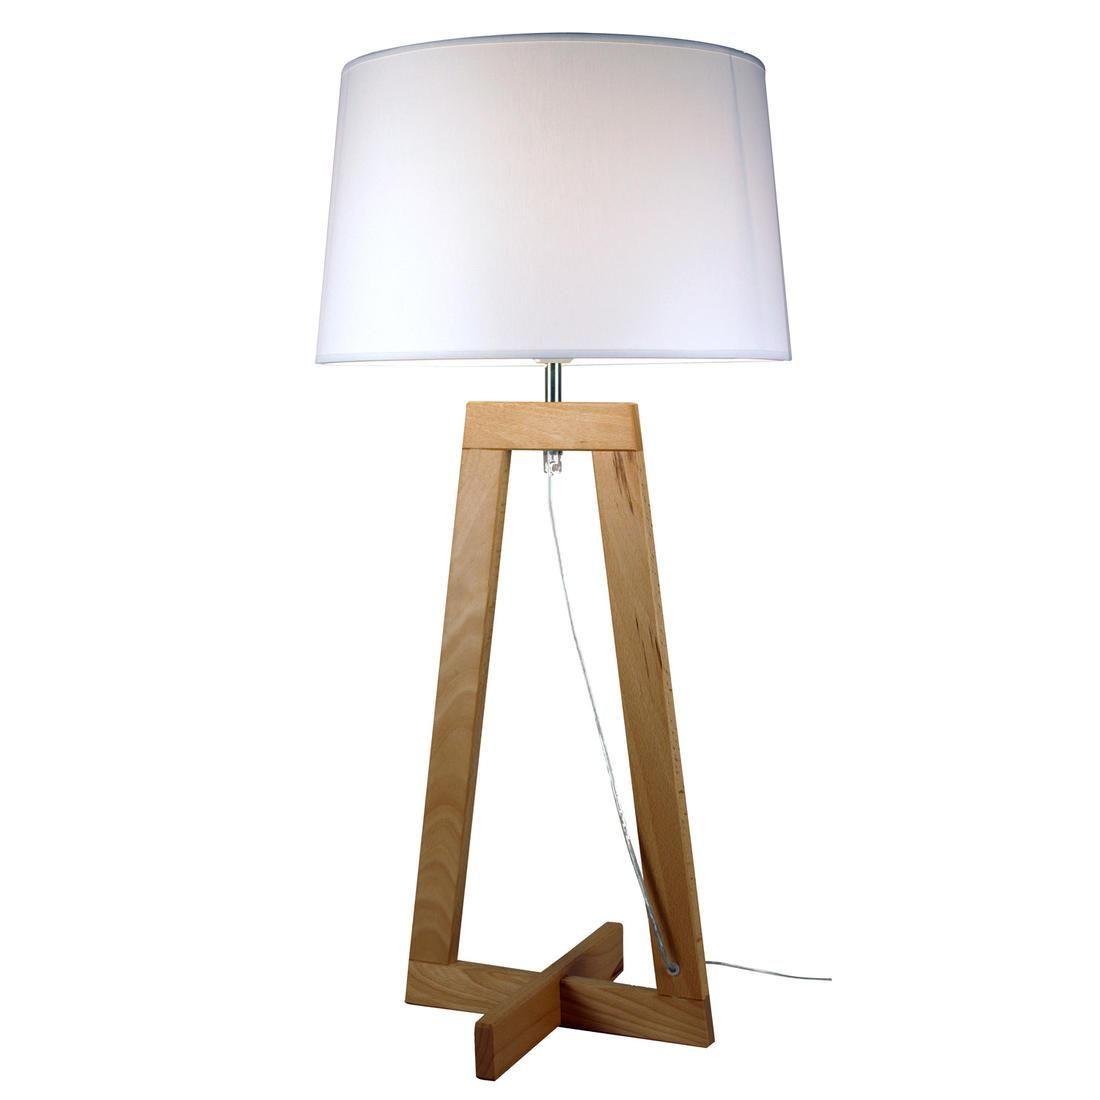 Sacha Lampe A Poser Ecru Bois H68 5cm Aluminor Lampe A Poser Composee D Un Pietement En Bois Naturel Suportant Un A Lampe A Poser Bois Lampe A Poser Lampe